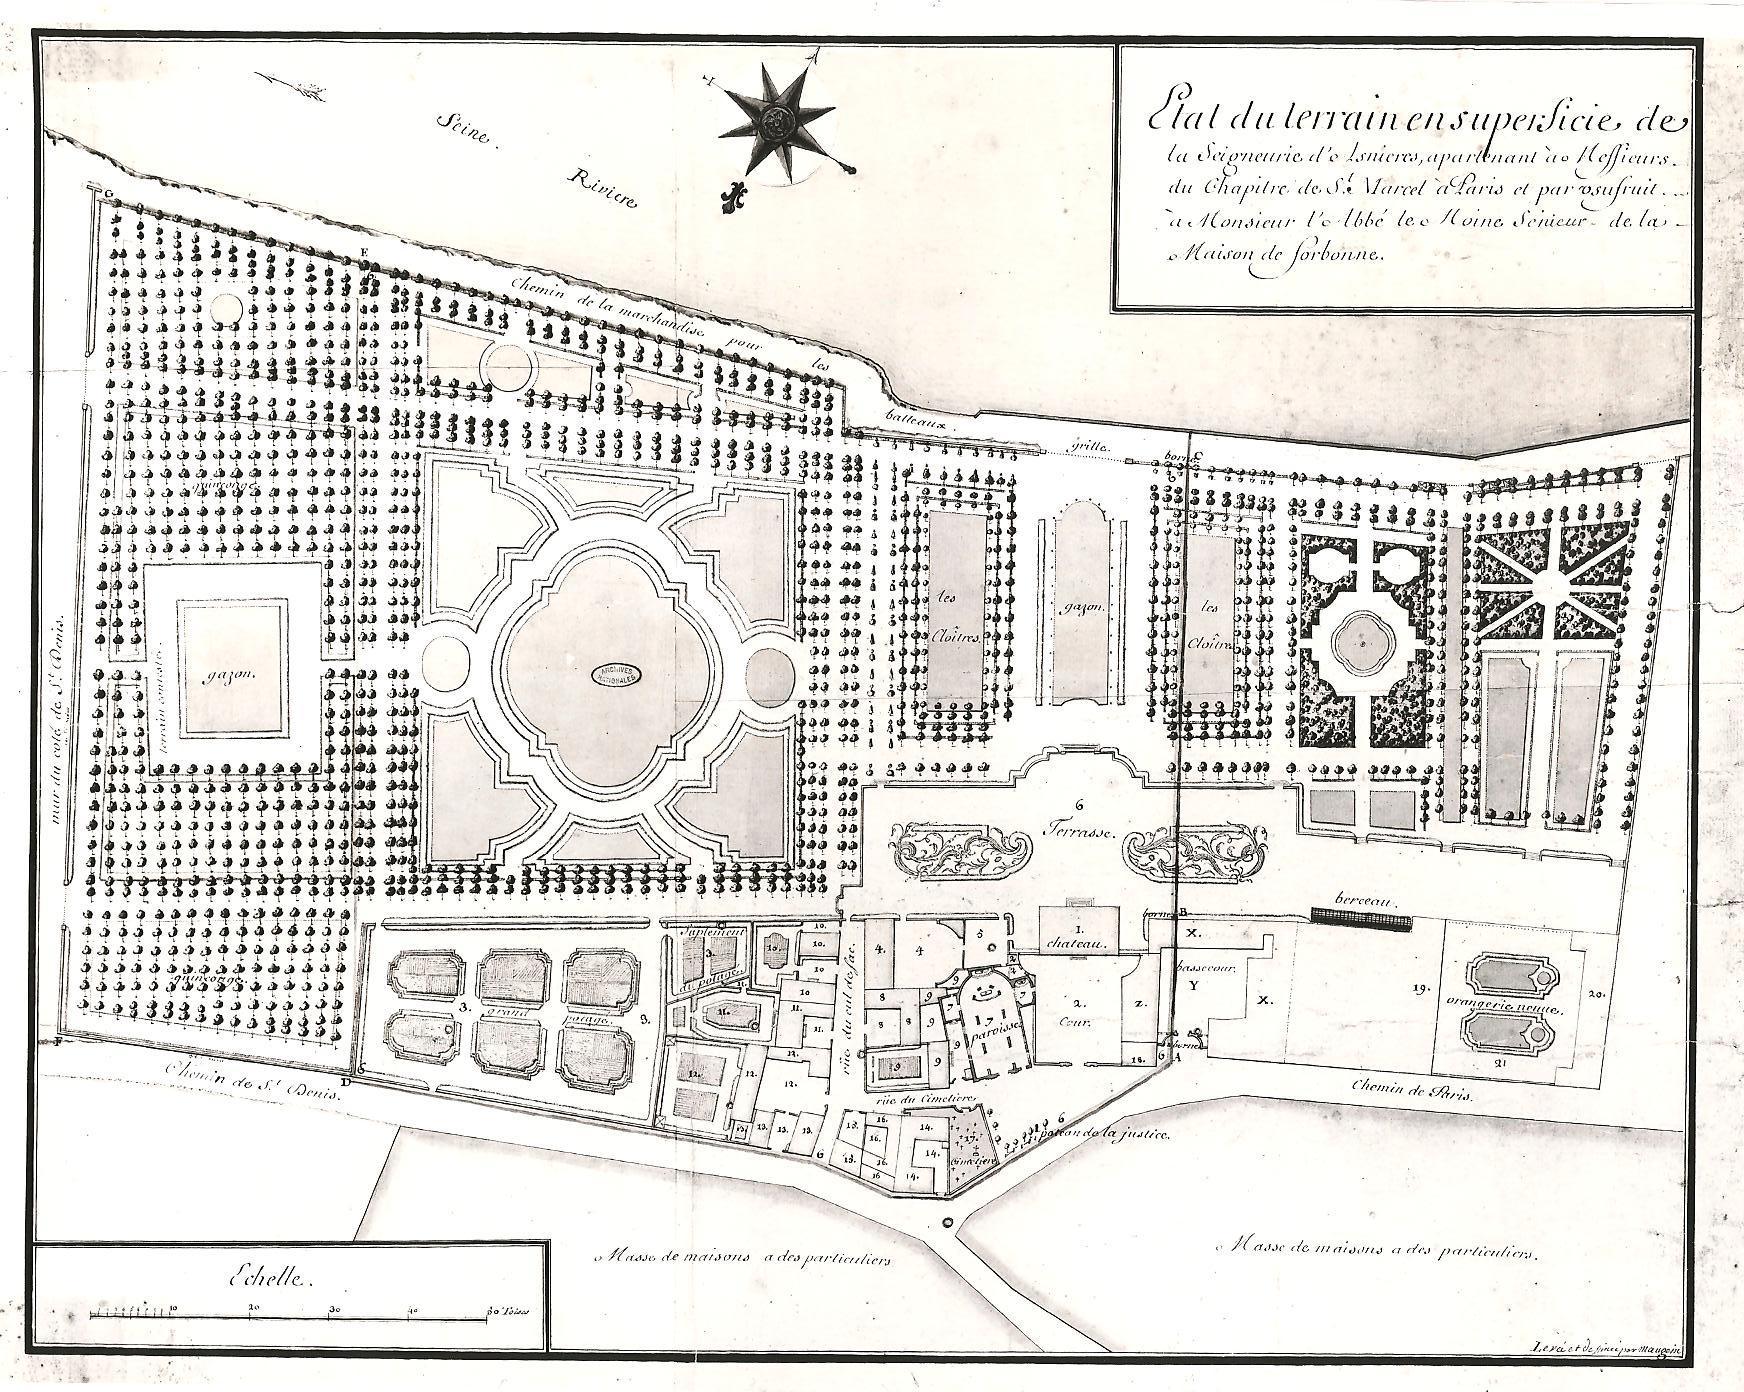 Le château d'Asnières et son parc, annees 1700